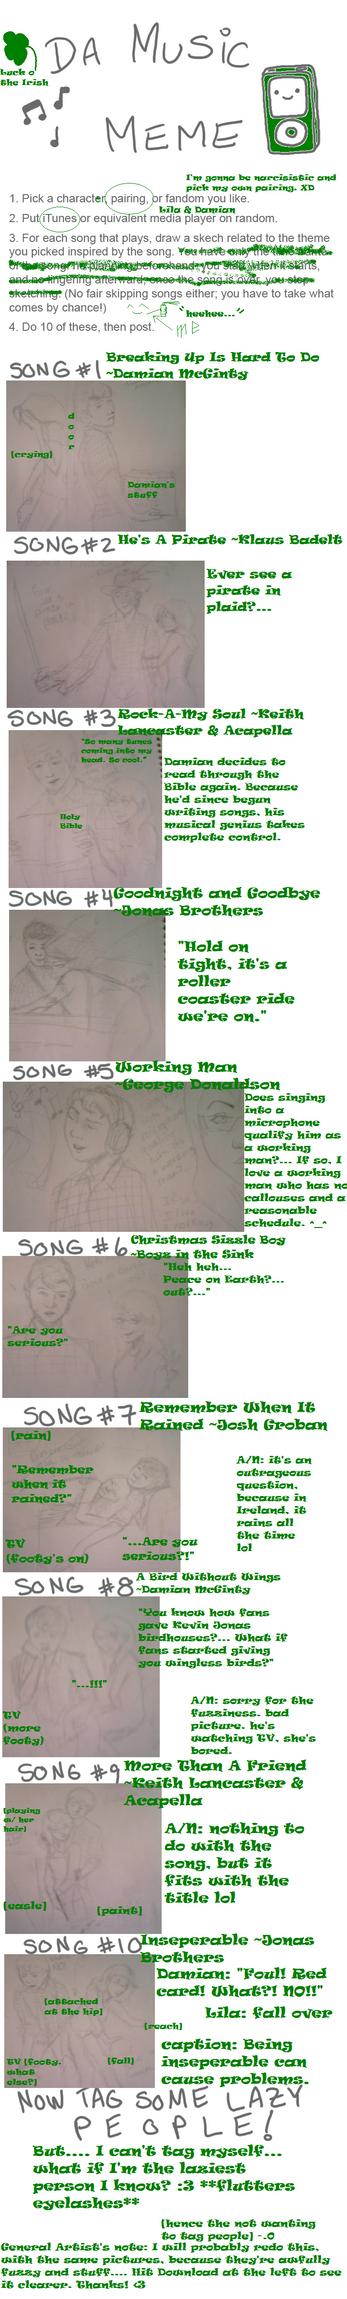 Music Meme by grobanfan9109